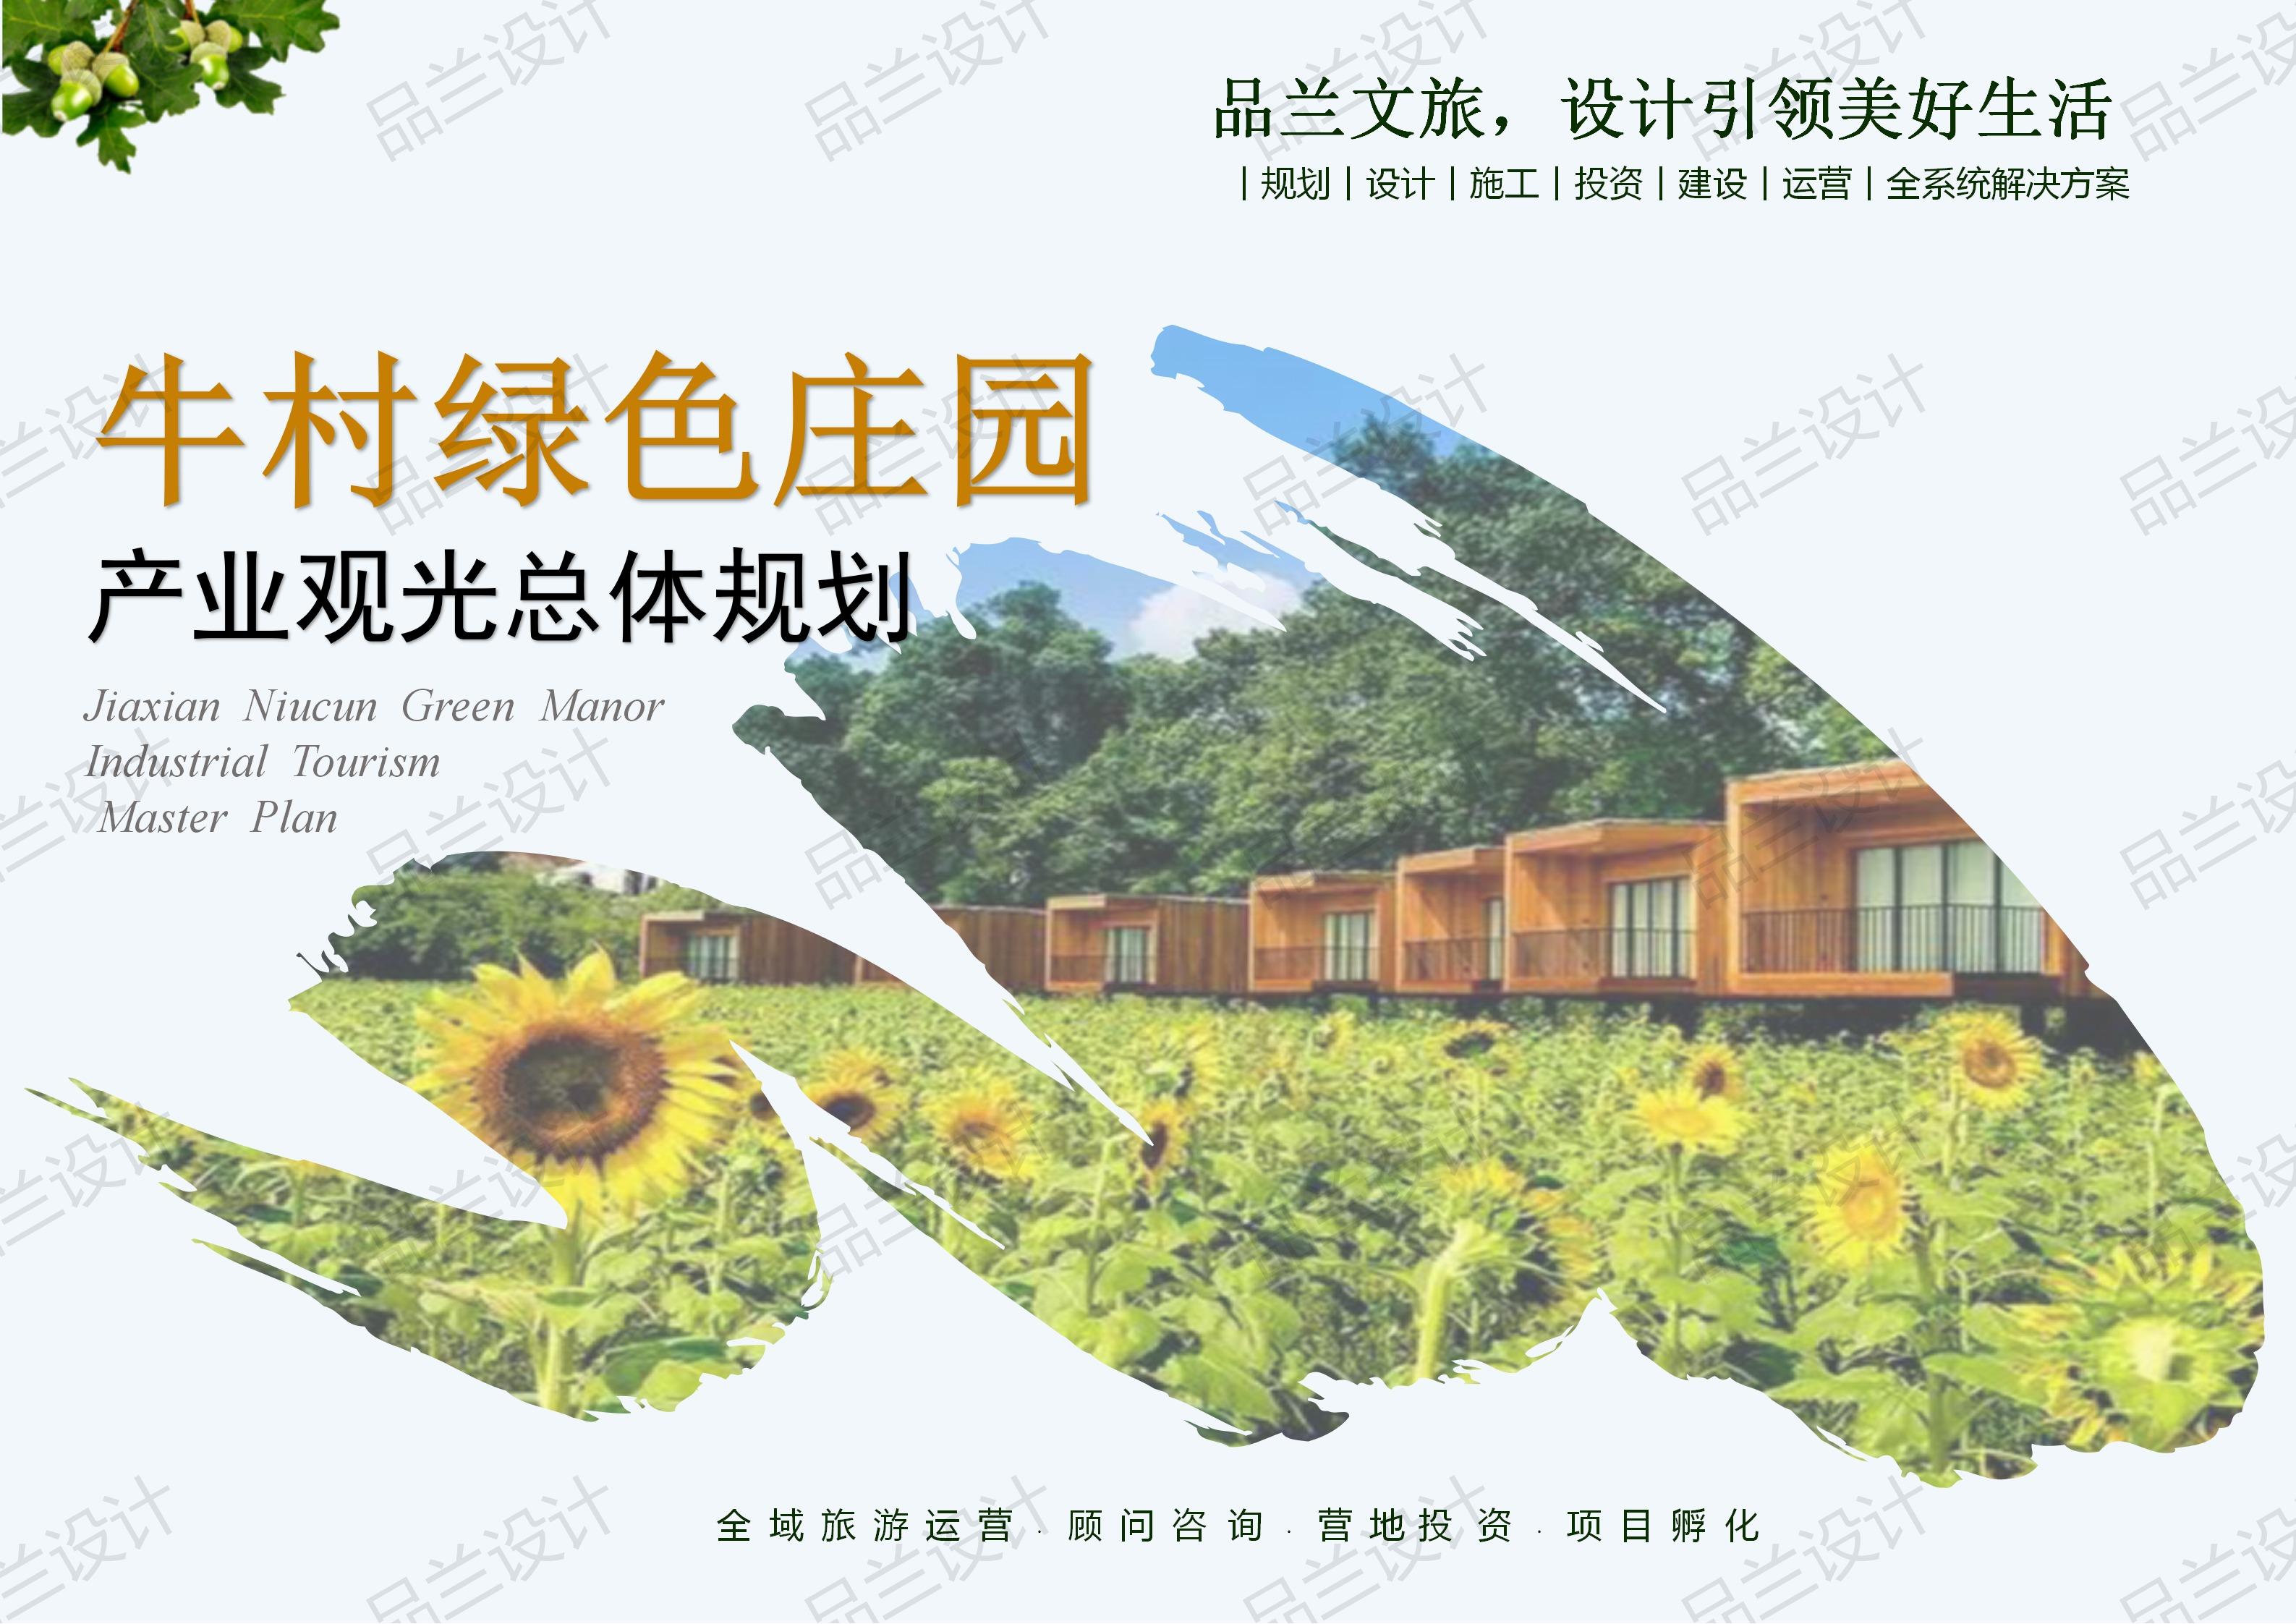 生态工业研学基地农业观光园养生农业特色园主题农业园设计运营